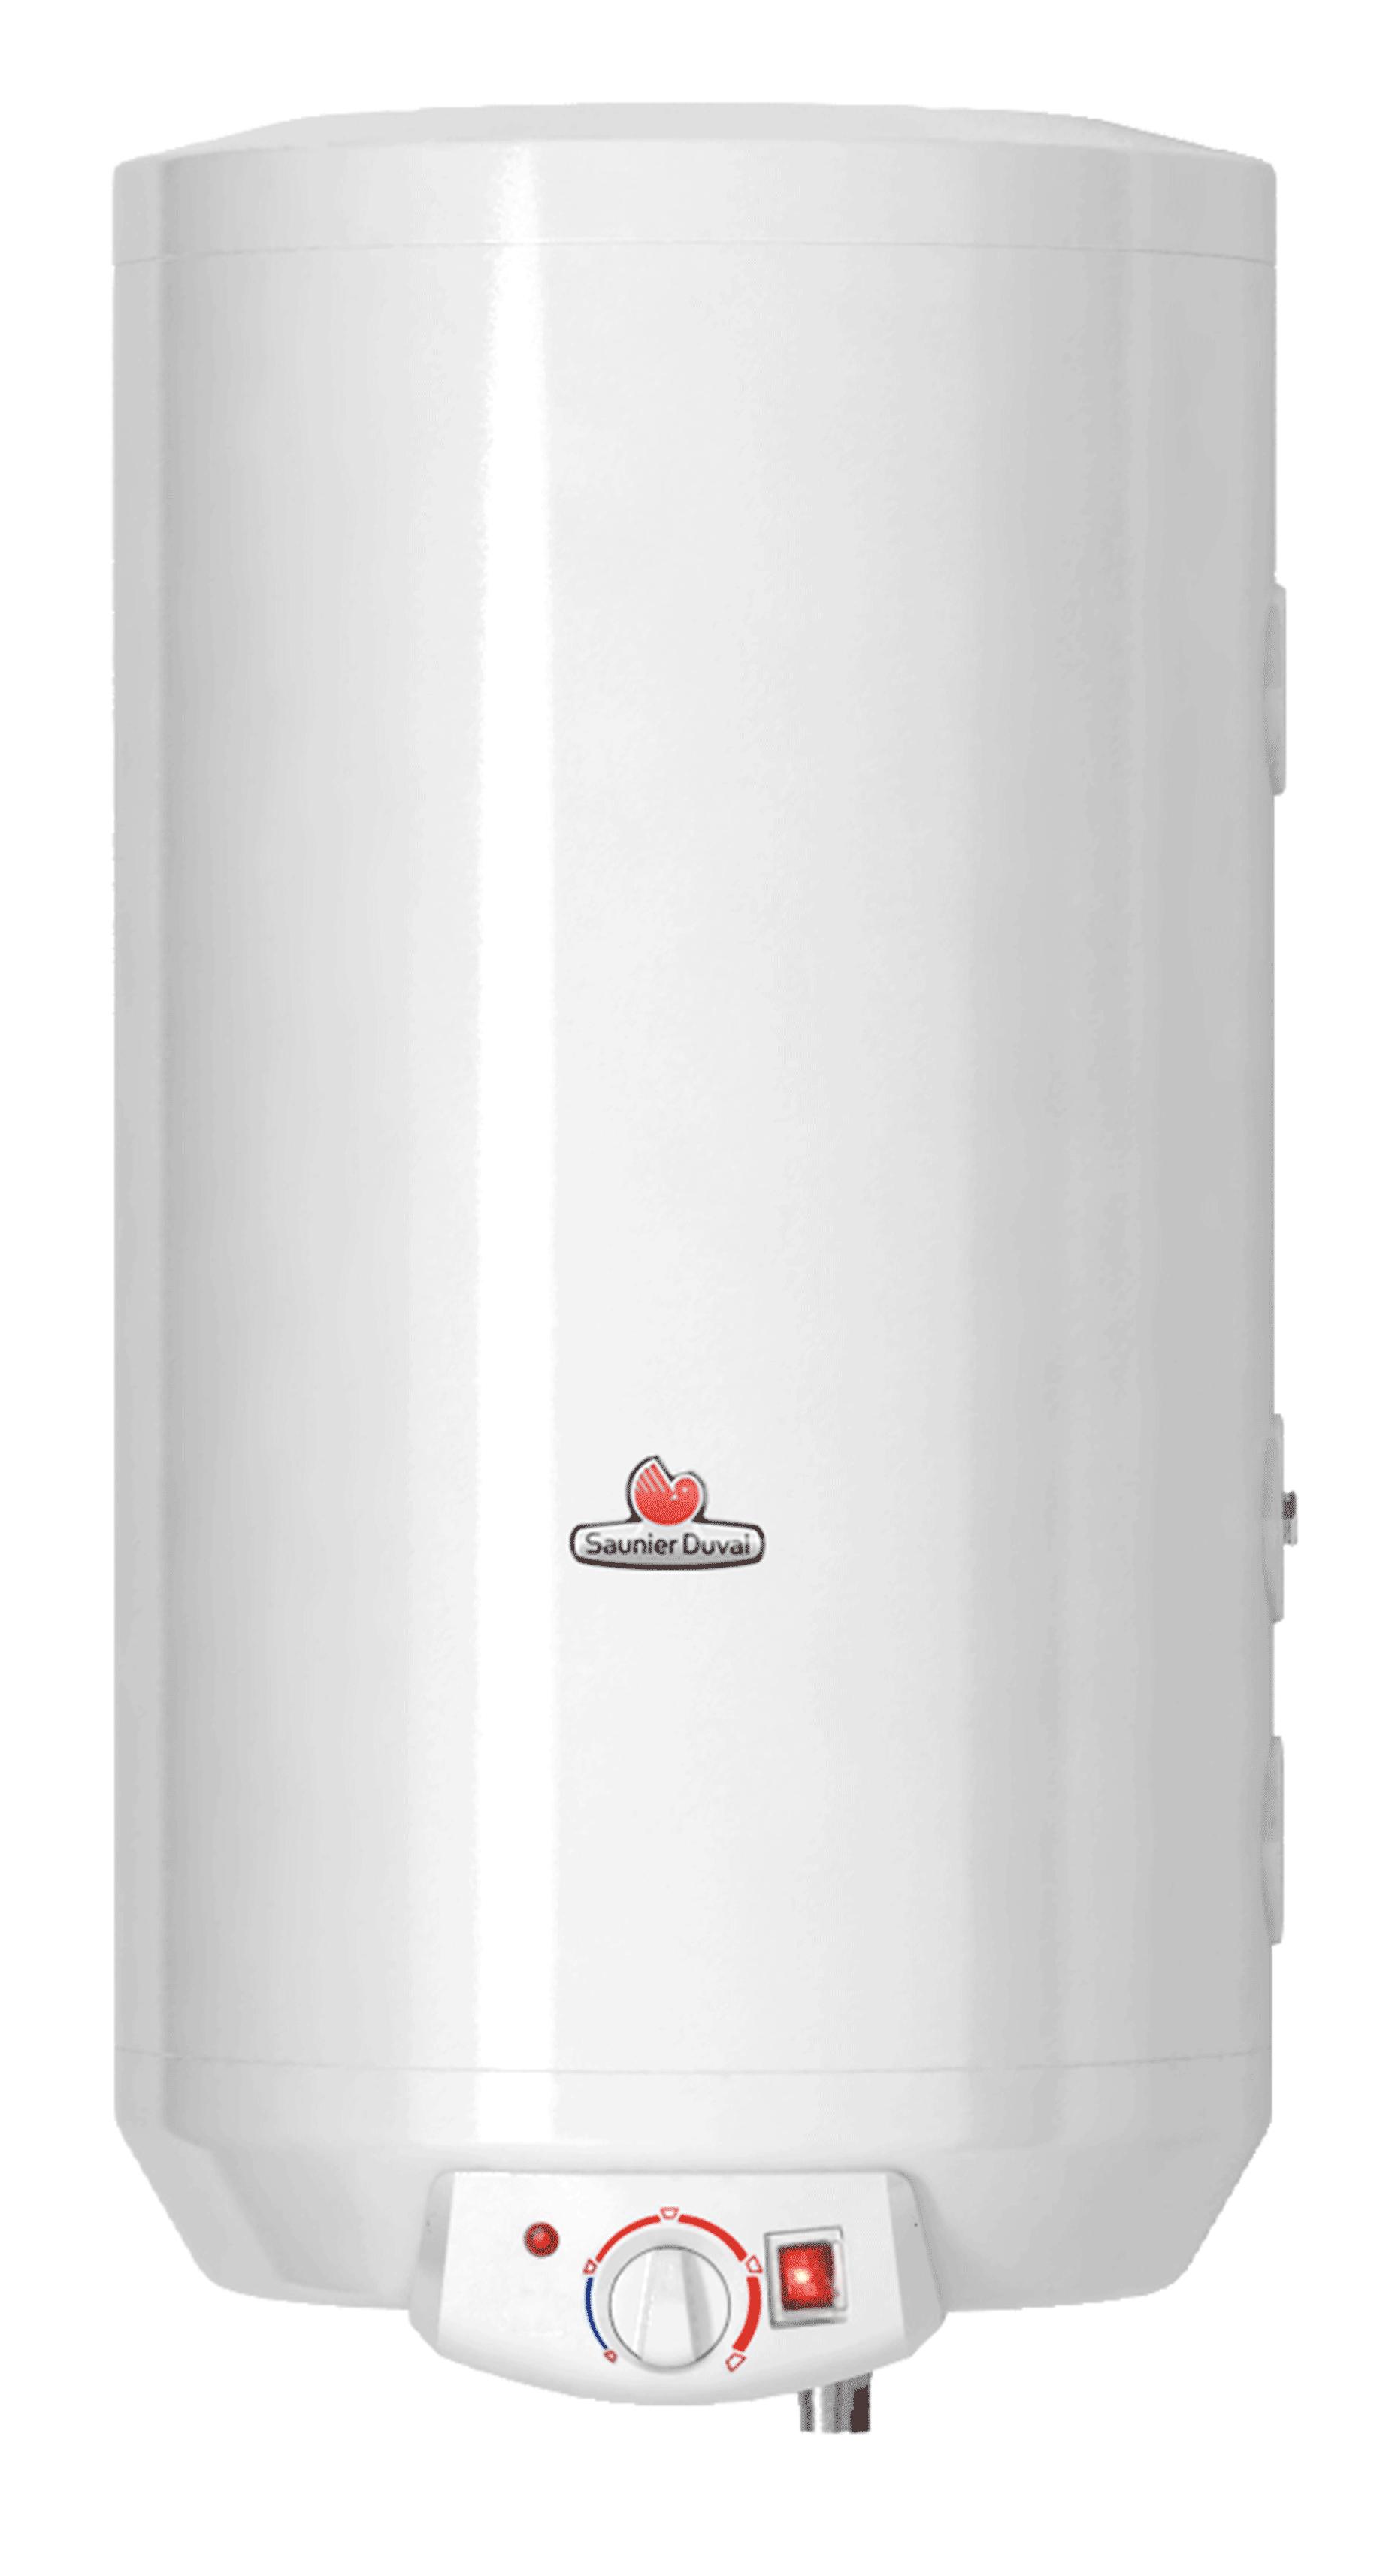 Confort en eau chaude saunier duval fabricant de ballons sanitaires pour chaudi res mixtes - Saunier duval nantes ...